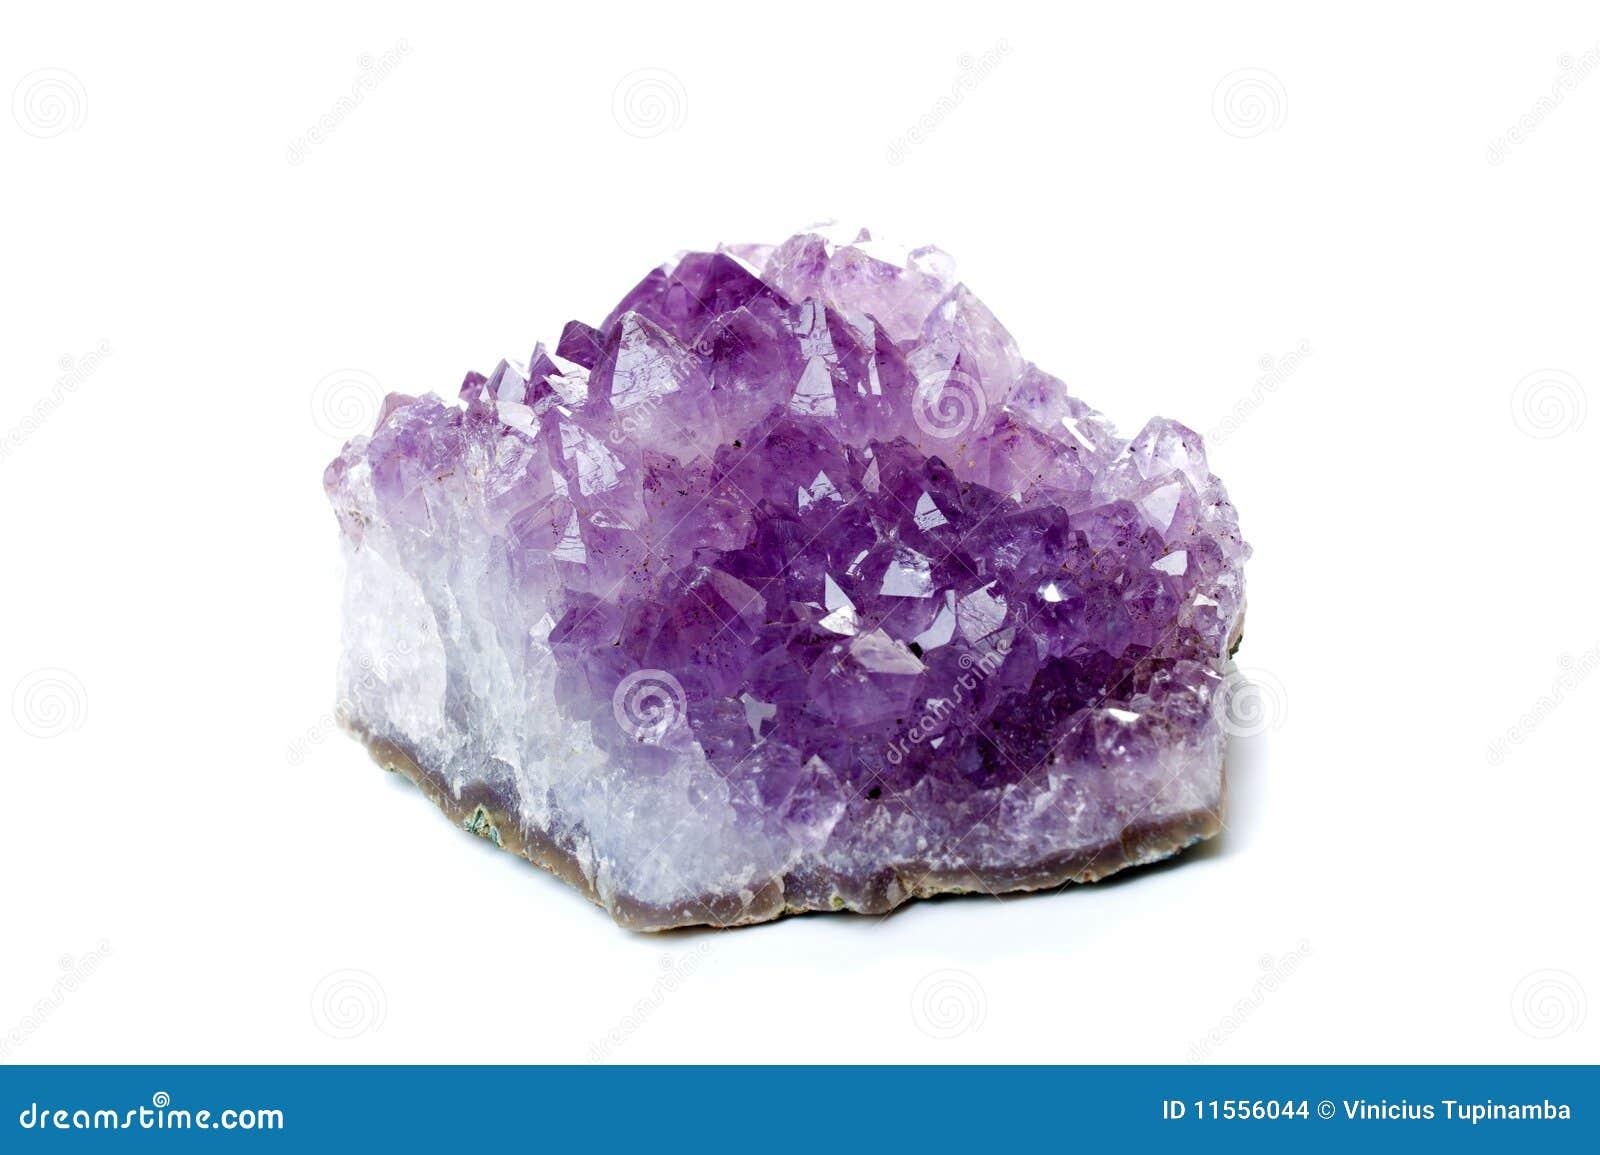 Камень аметист фото цена